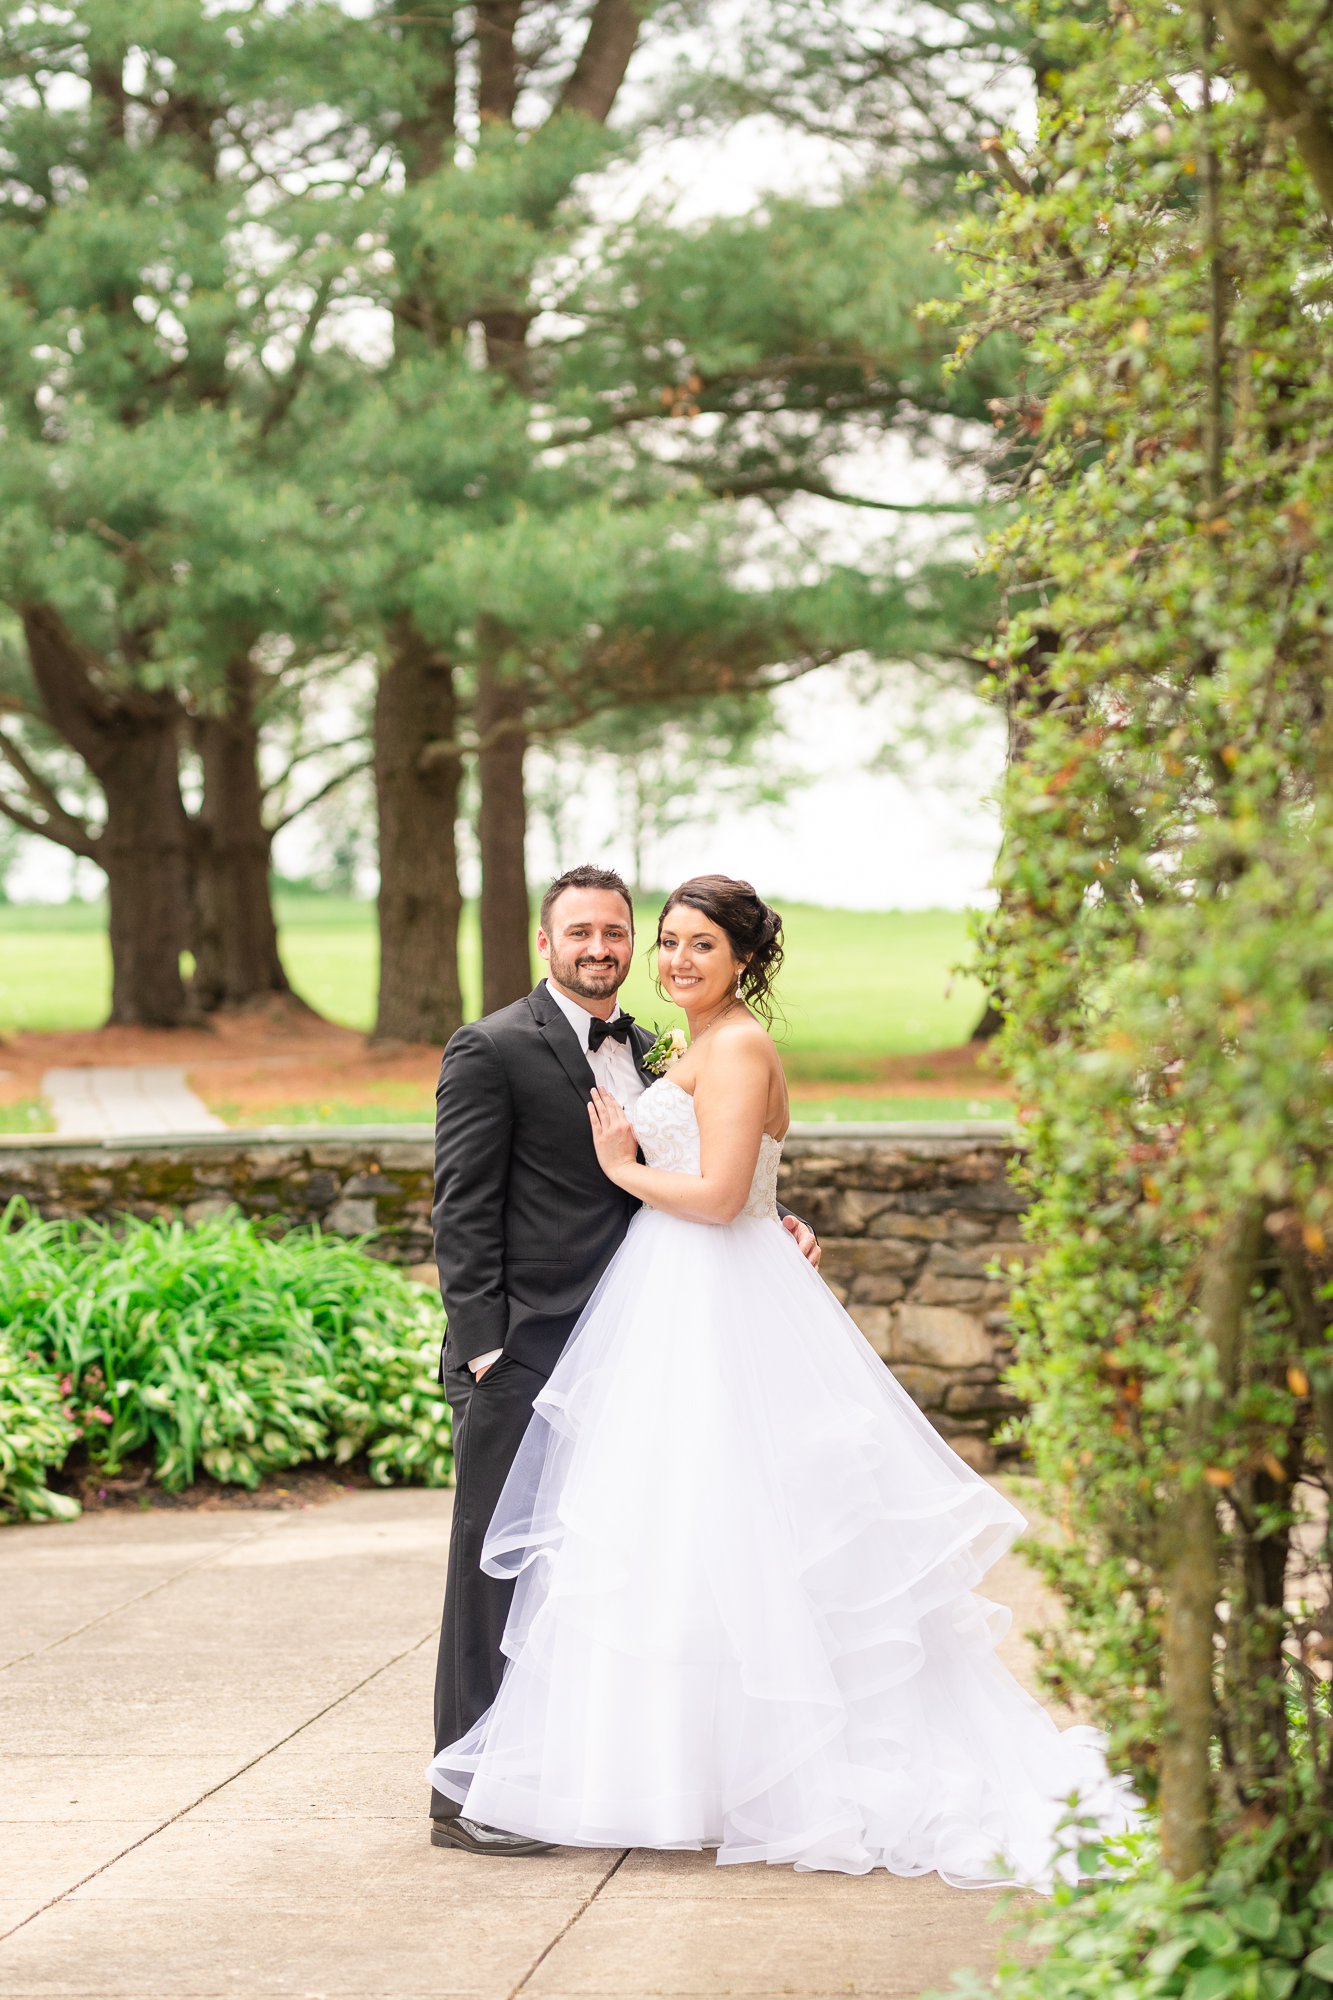 Stone-manor-country-club-wedding-photos-101-2.jpg